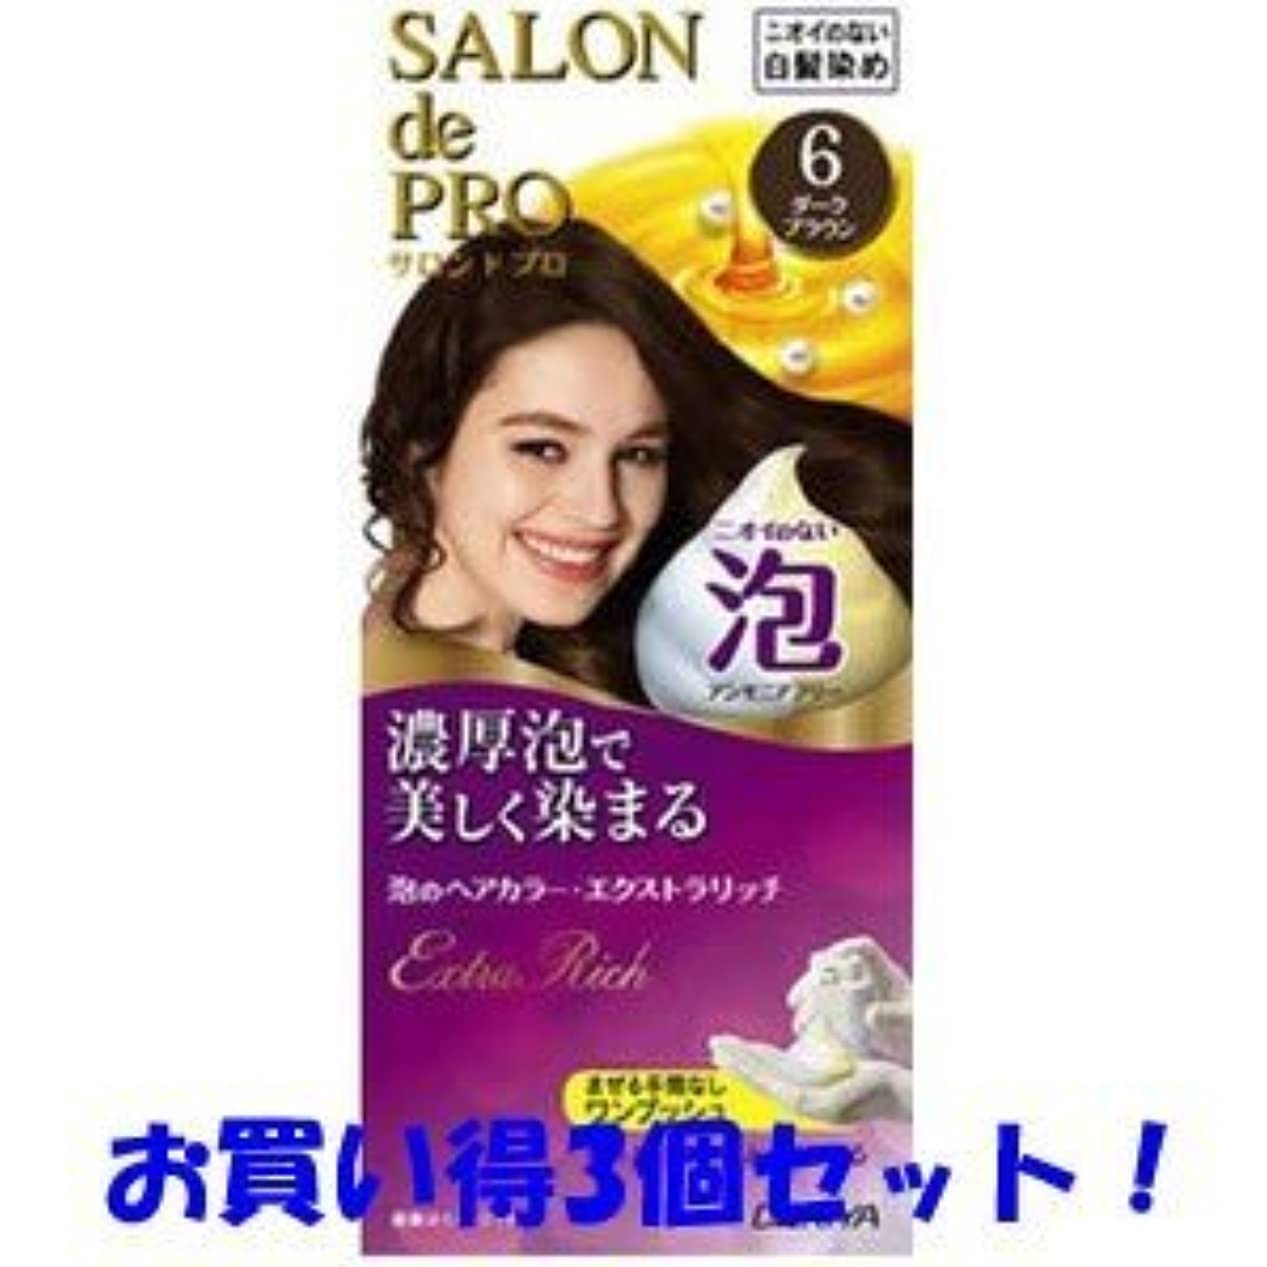 【ダリヤ】サロンドプロ 泡のヘアカラー?エクストラリッチ 6 ダークブラウン(医薬部外品)(お買い得3個セット)